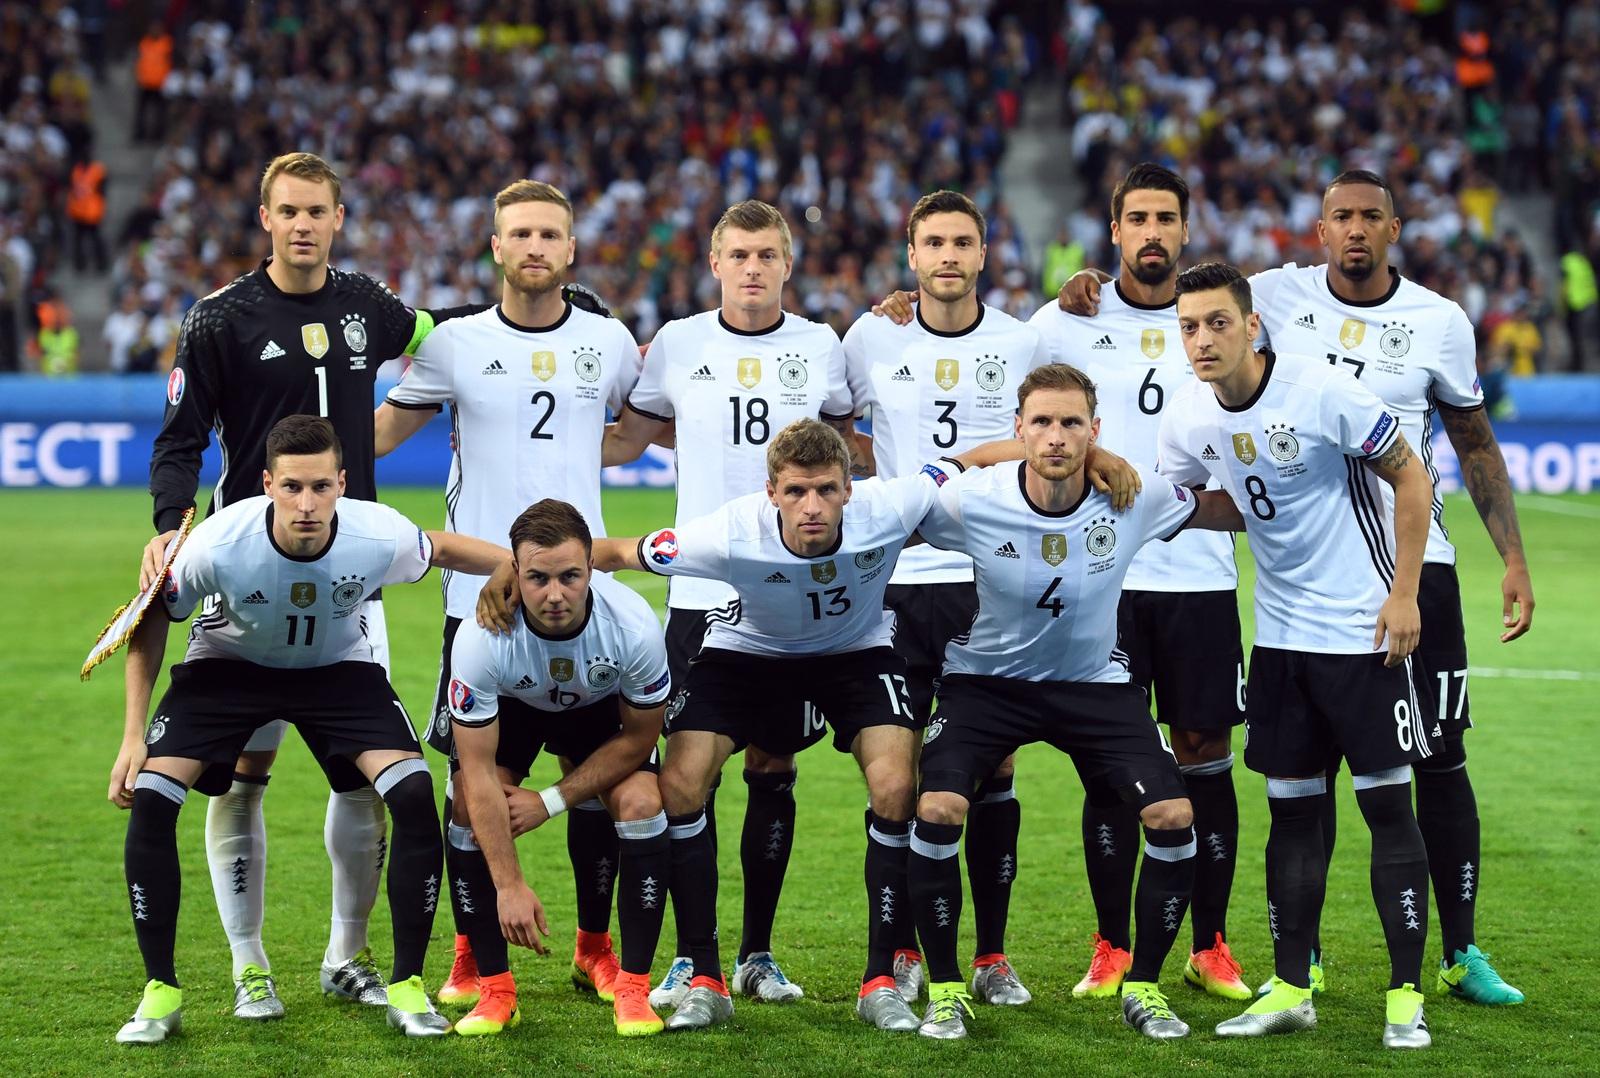 deutschland wm team 2017